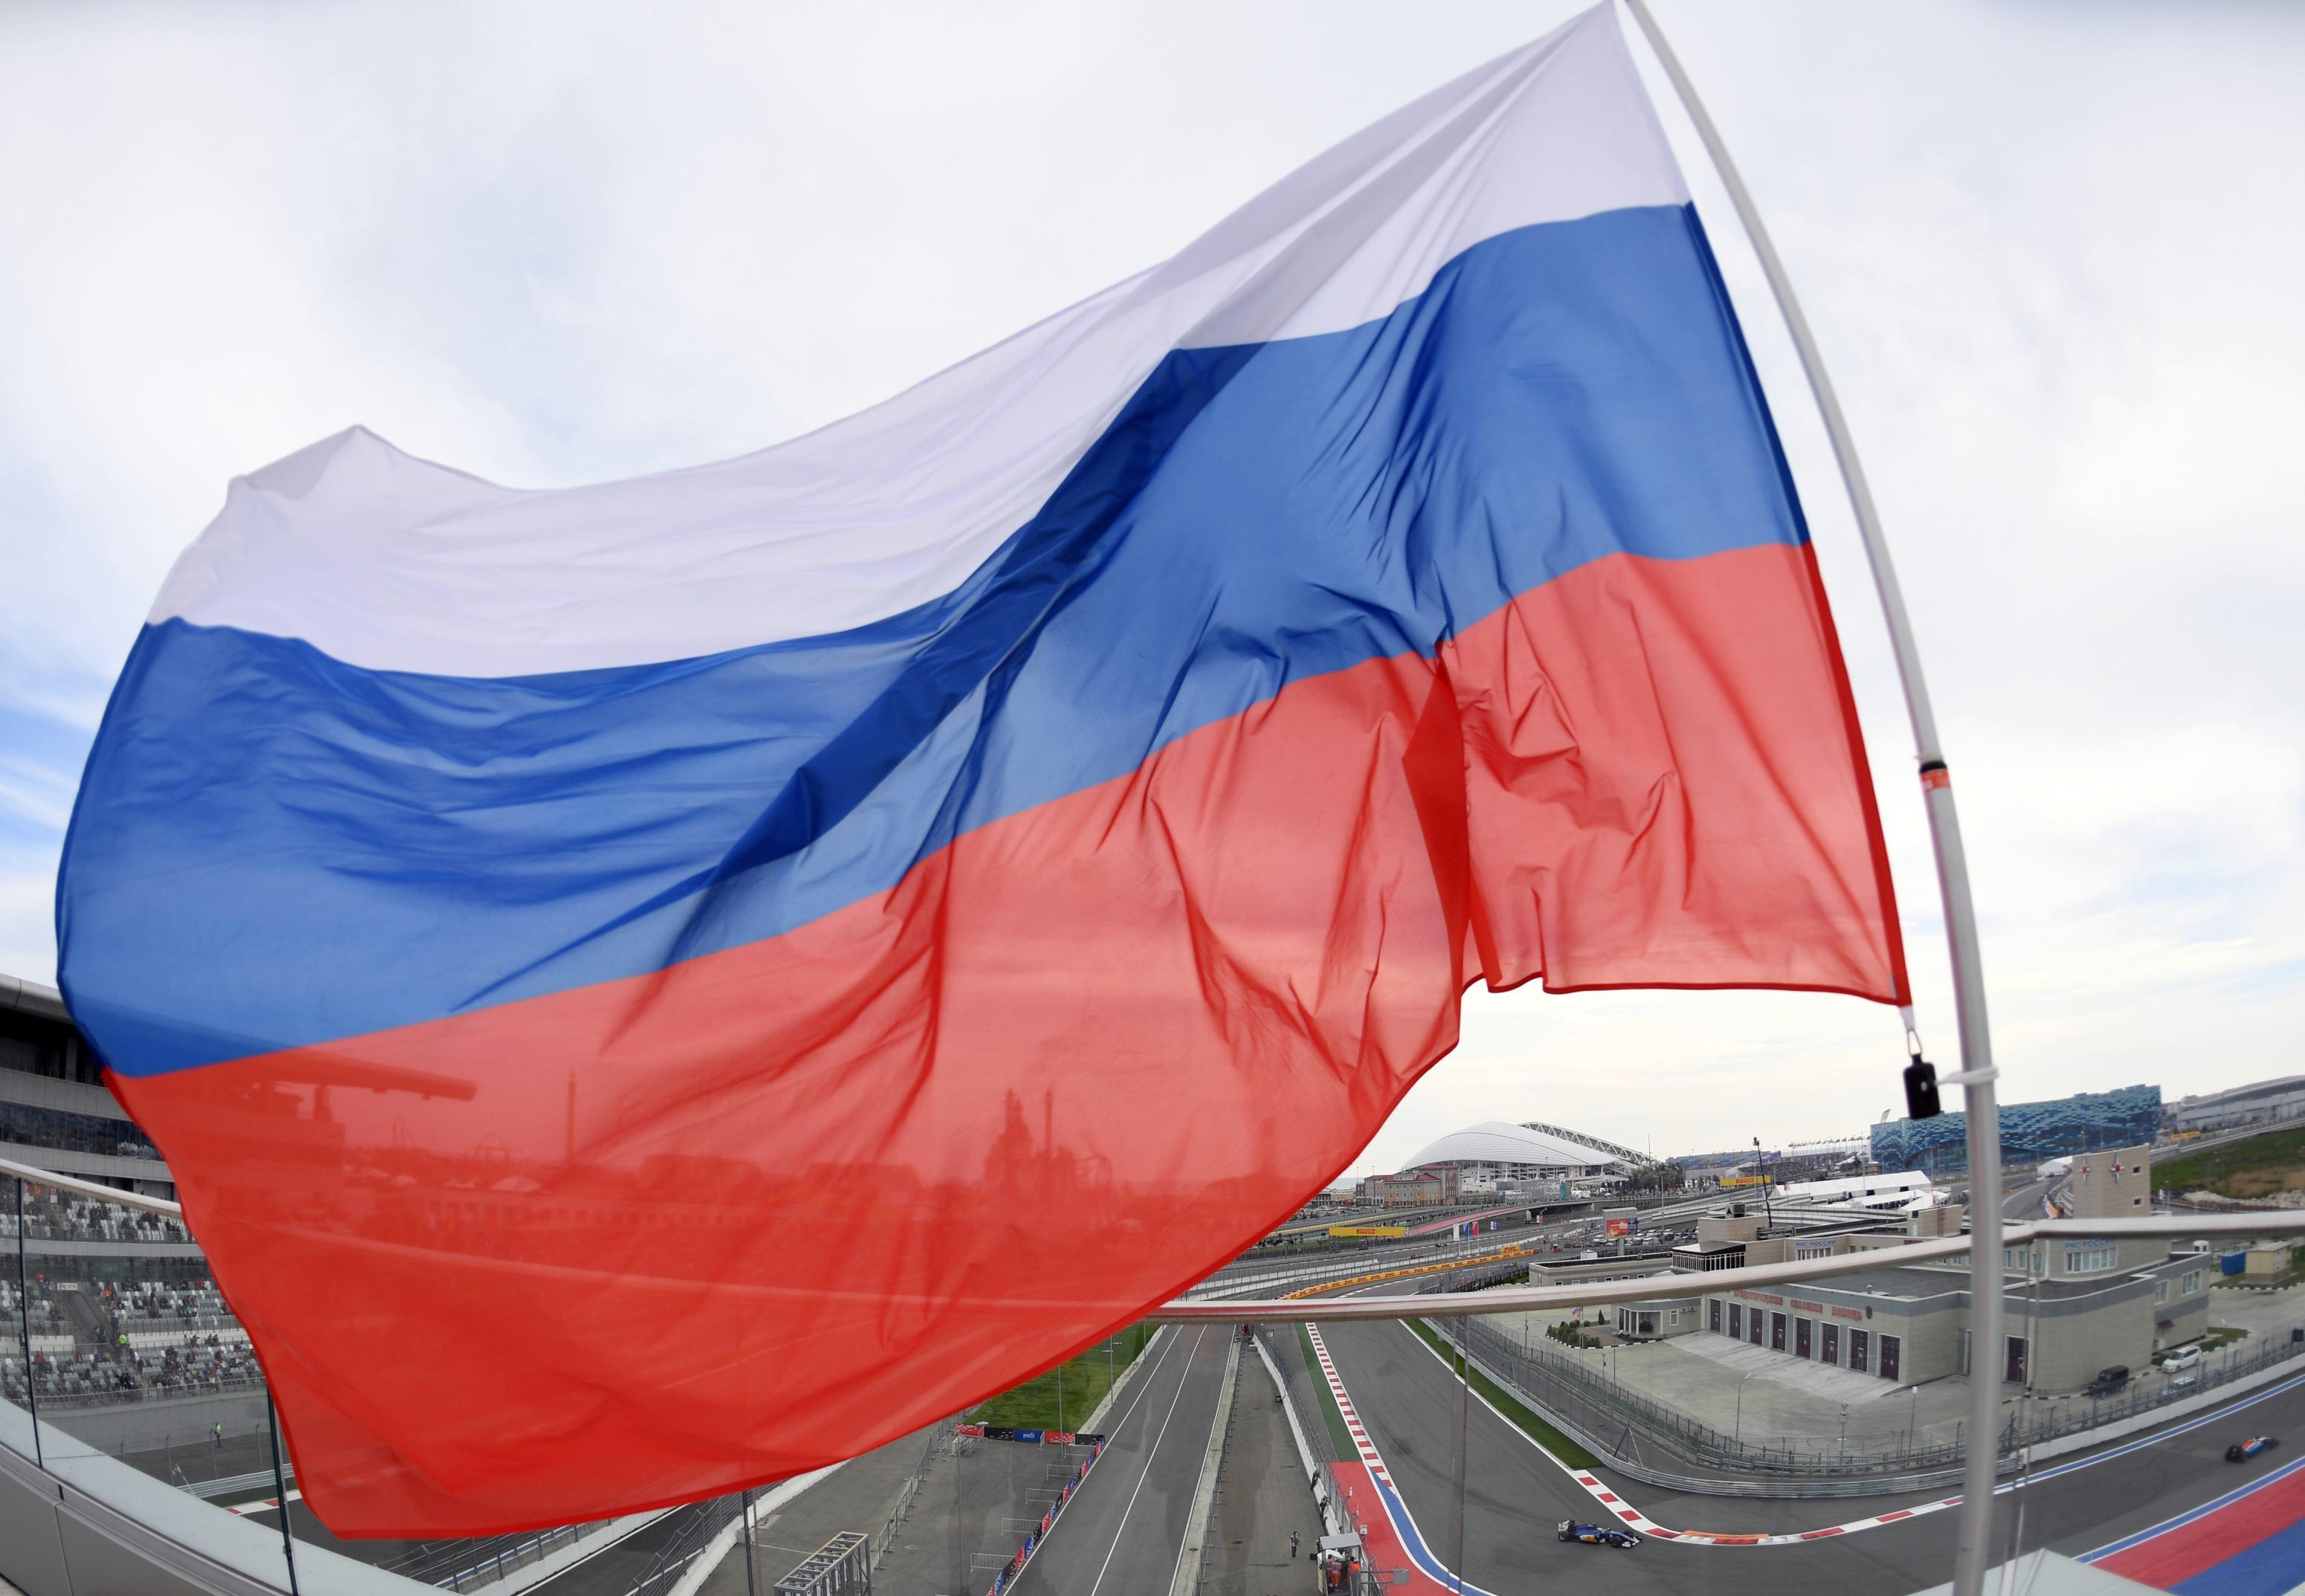 Moscova a informat autorităţile din Franţa că parlamentarul rus arestat are imunitate diplomatică